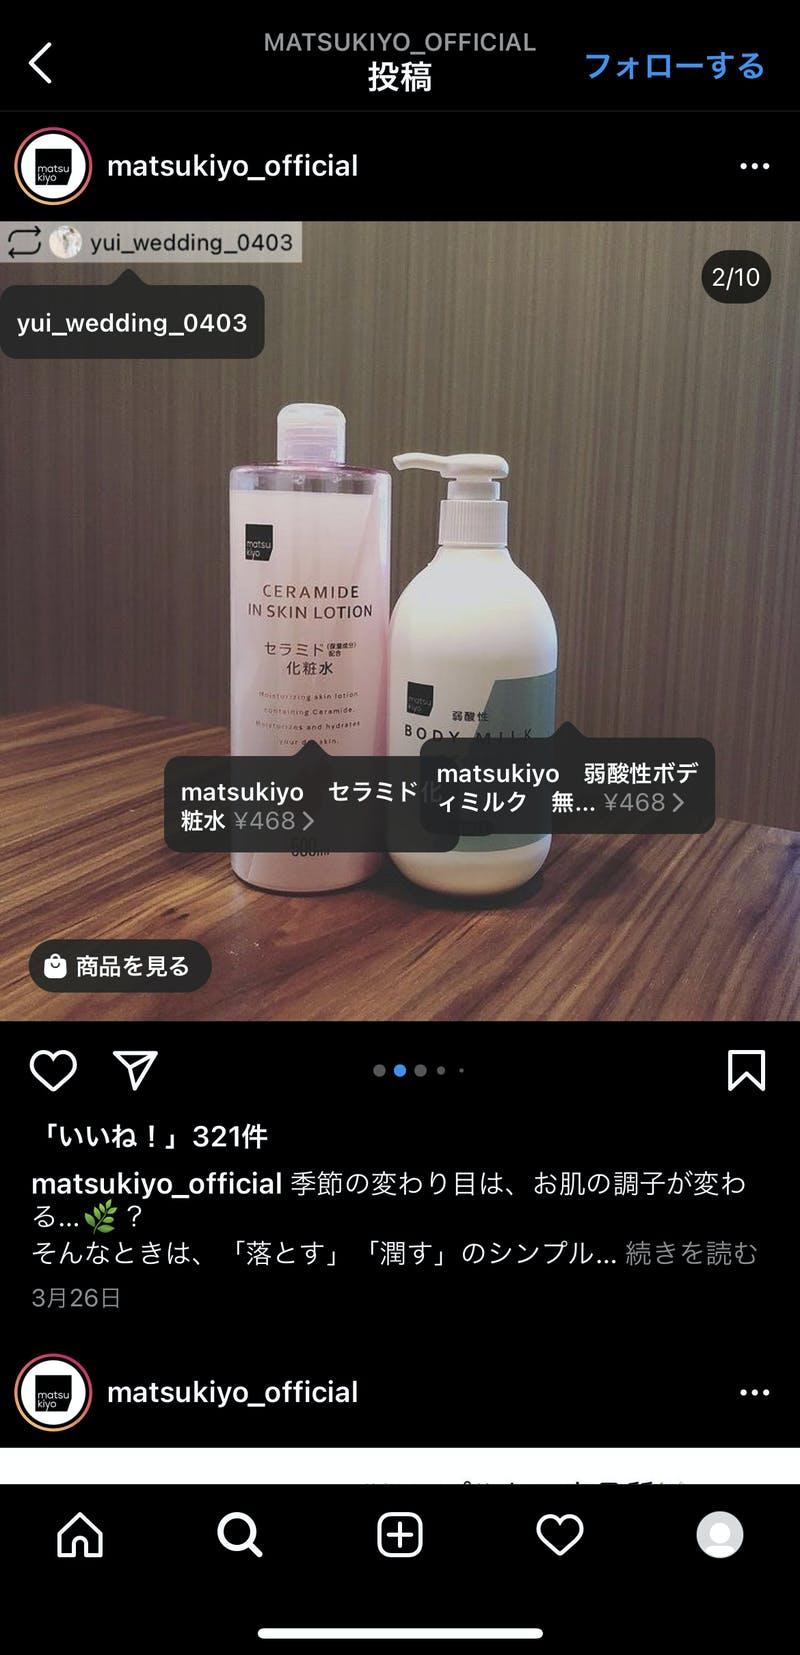 matsukiyoにおけるショッピング機能の活用事例